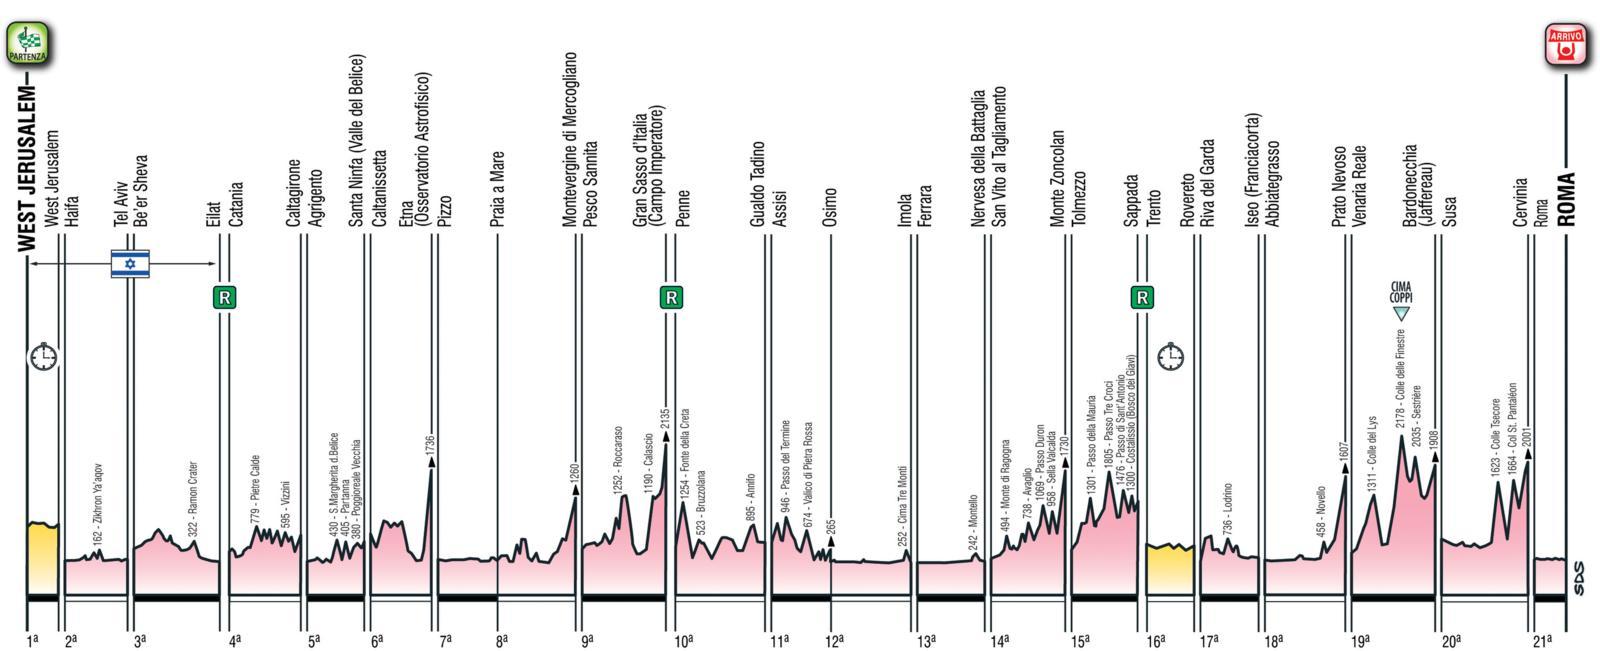 Tutto pronto per il Giro d'Italia 2018: ecco le 21 tappe